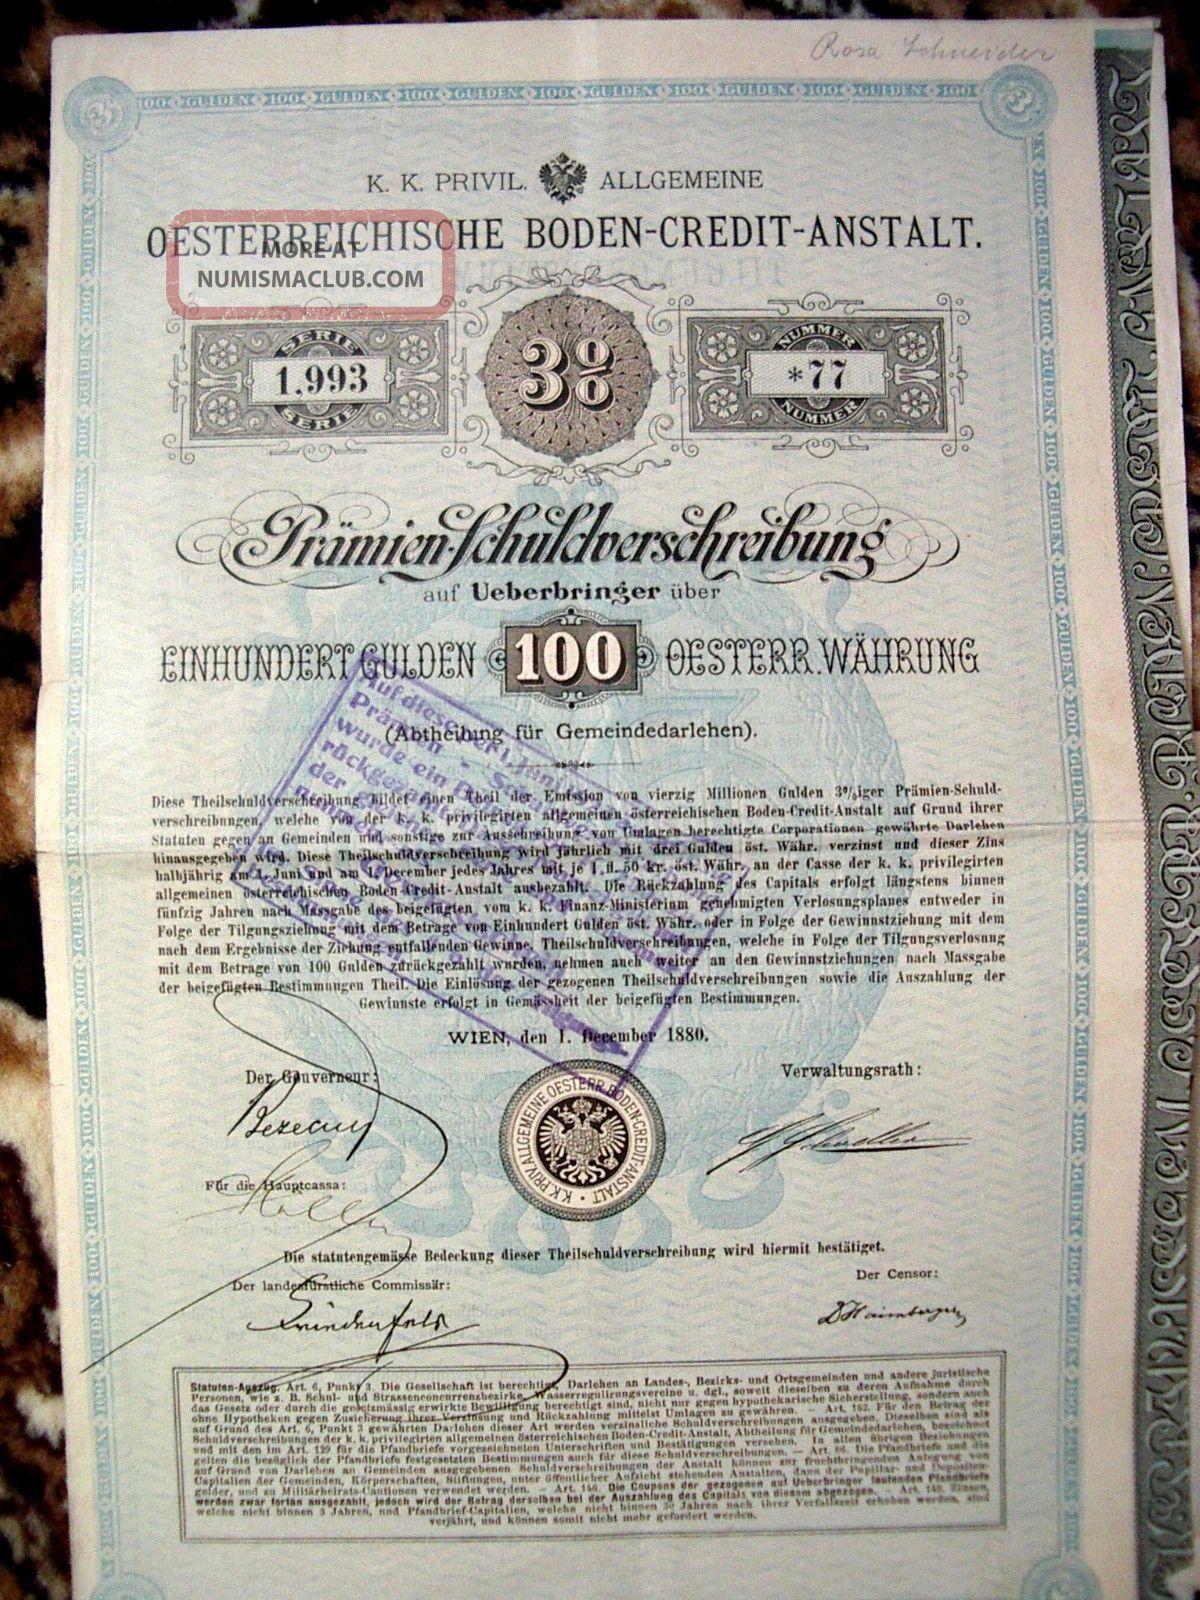 Austria 1880 Wien 100 Gulden Osterreich Boden Credit Anstalt Unc State Bond Loan World photo